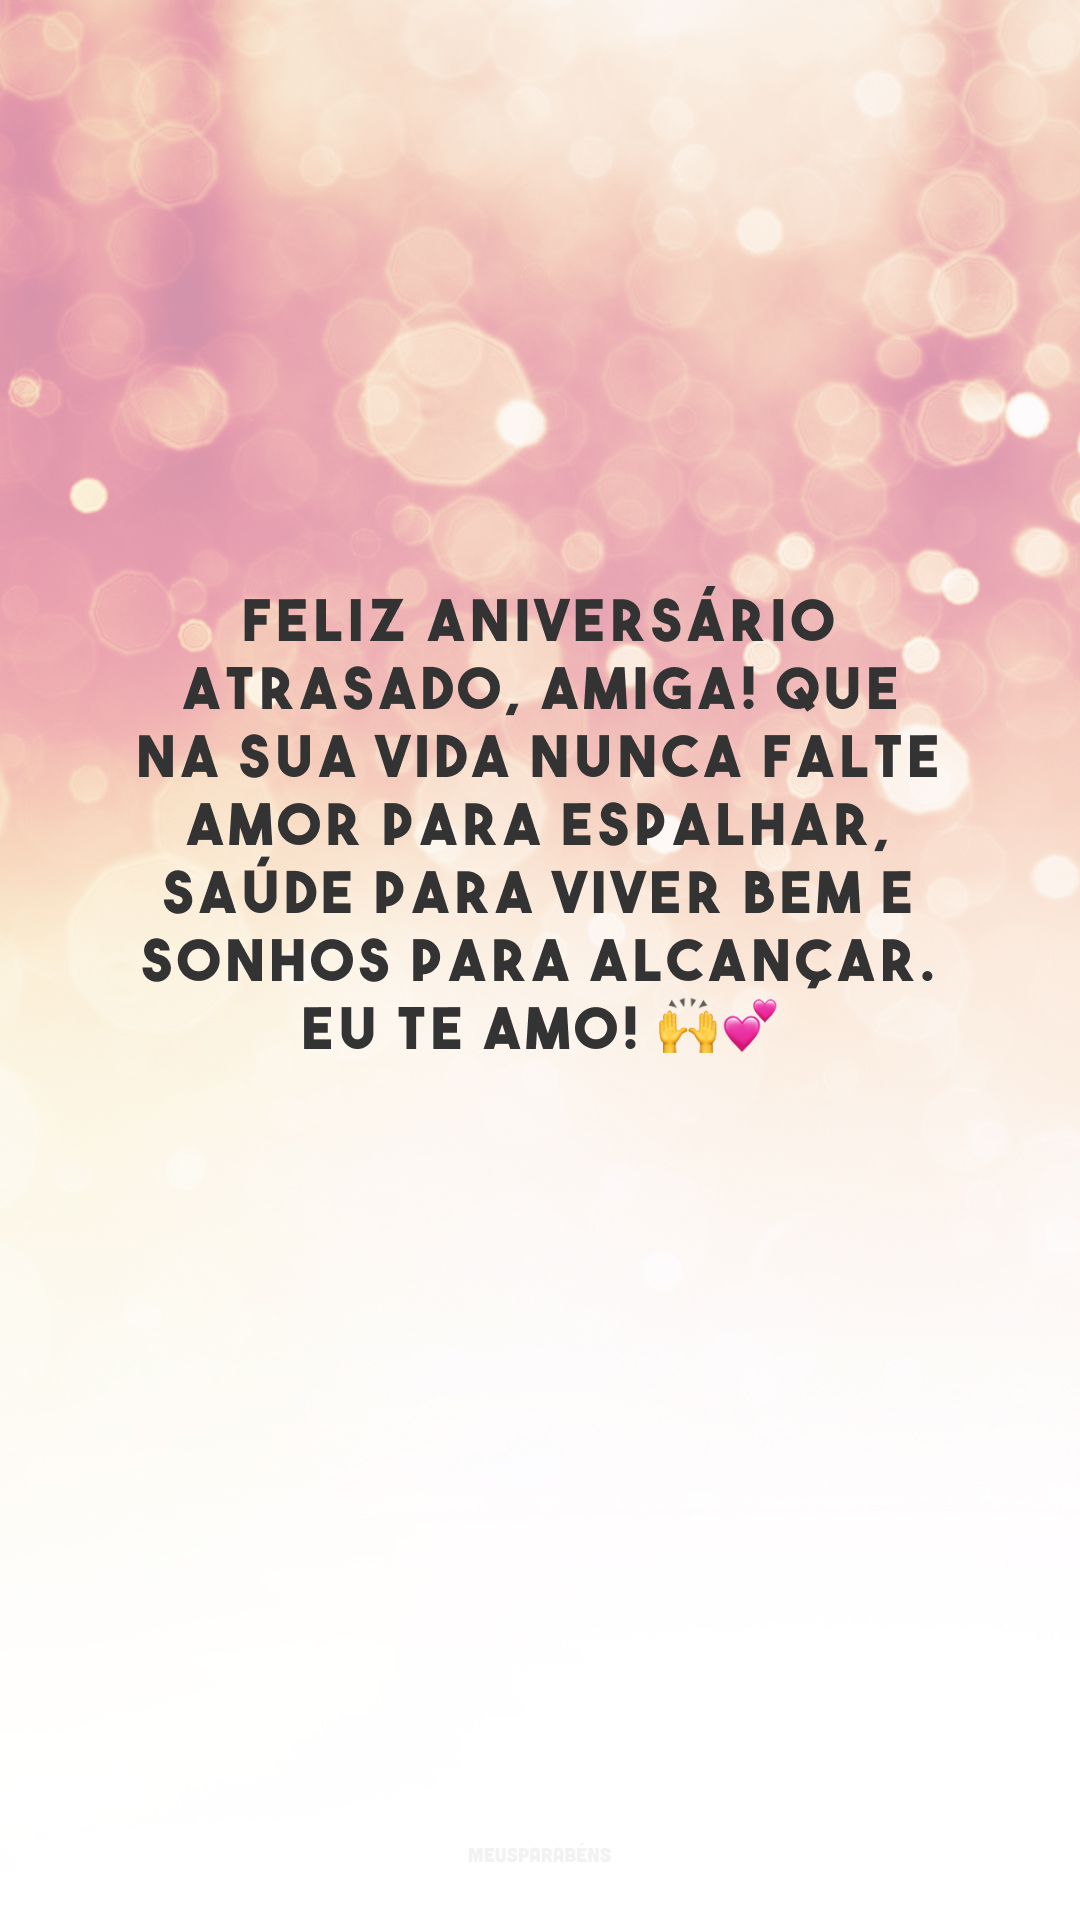 Feliz aniversário atrasado, amiga! Que na sua vida nunca falte amor para espalhar, saúde para viver bem e sonhos para alcançar. Eu te amo! 🙌💕